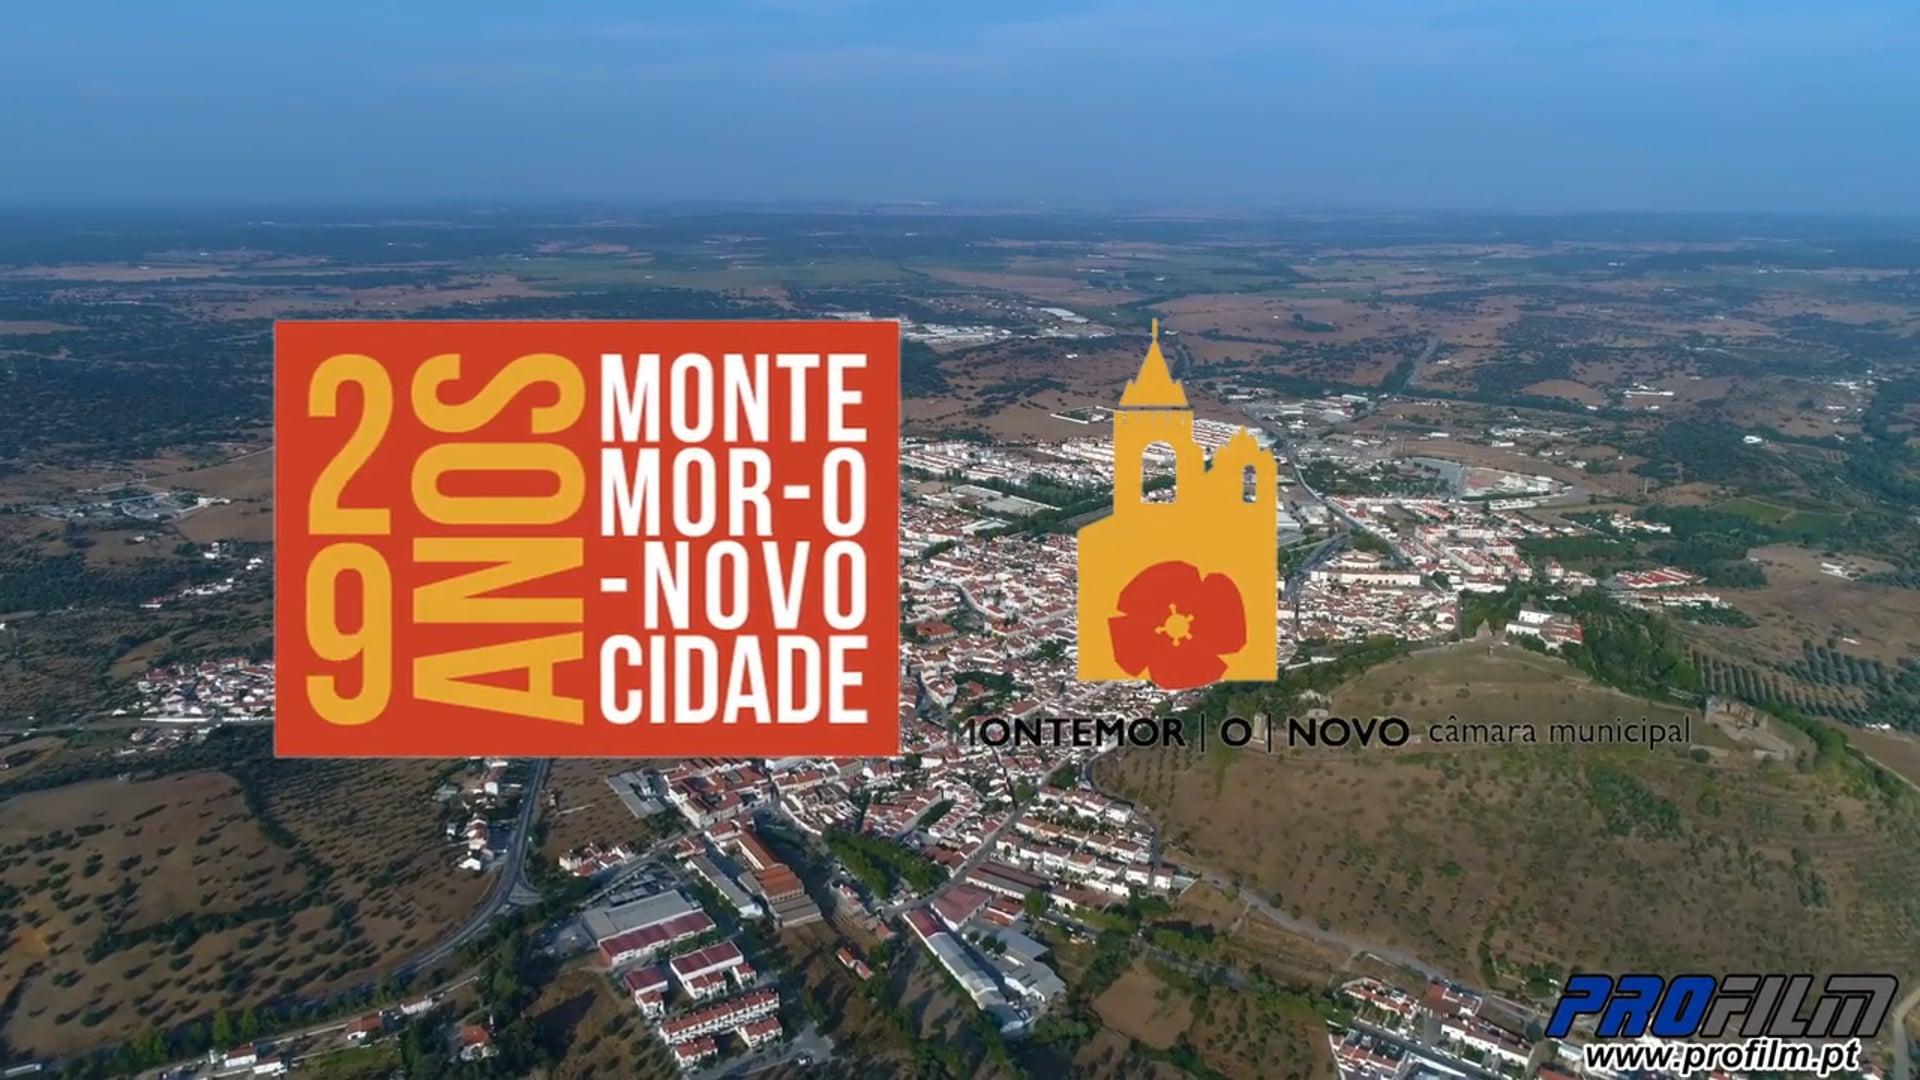 FEIRA DA LUZ 2018 - MONTEMOR-O-NOVO TERRITÓRIO EDUCATIVO DE ABRIL - Logo Profilm.mov.mp4